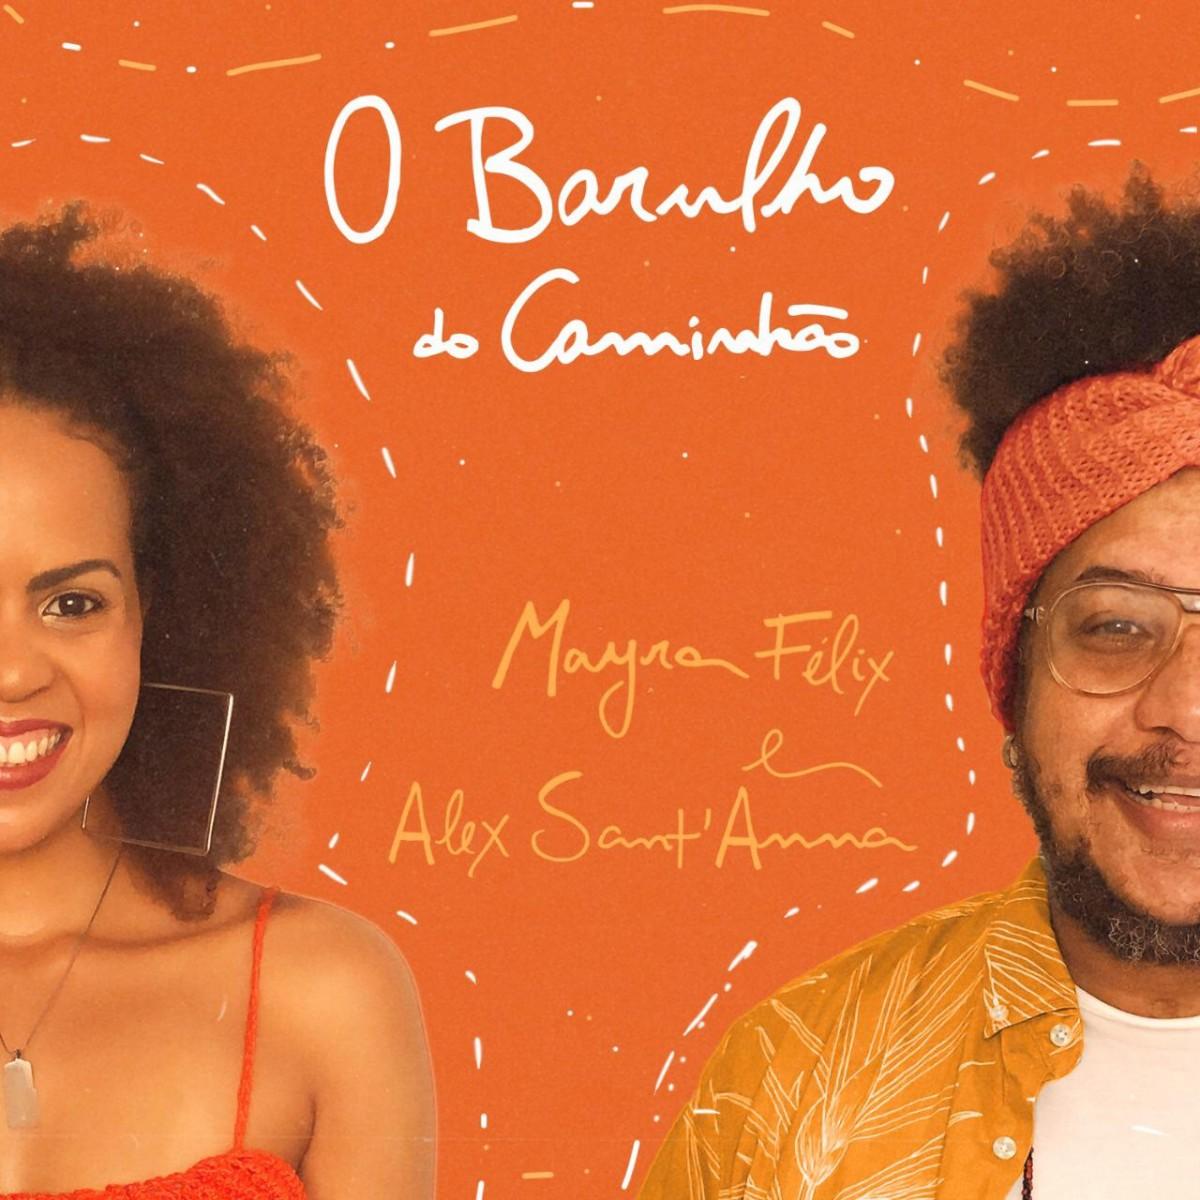 Mayra Félix lança novo single de samba rock em parceria com Alex Sant´Anna (Imagem: Divulgação)